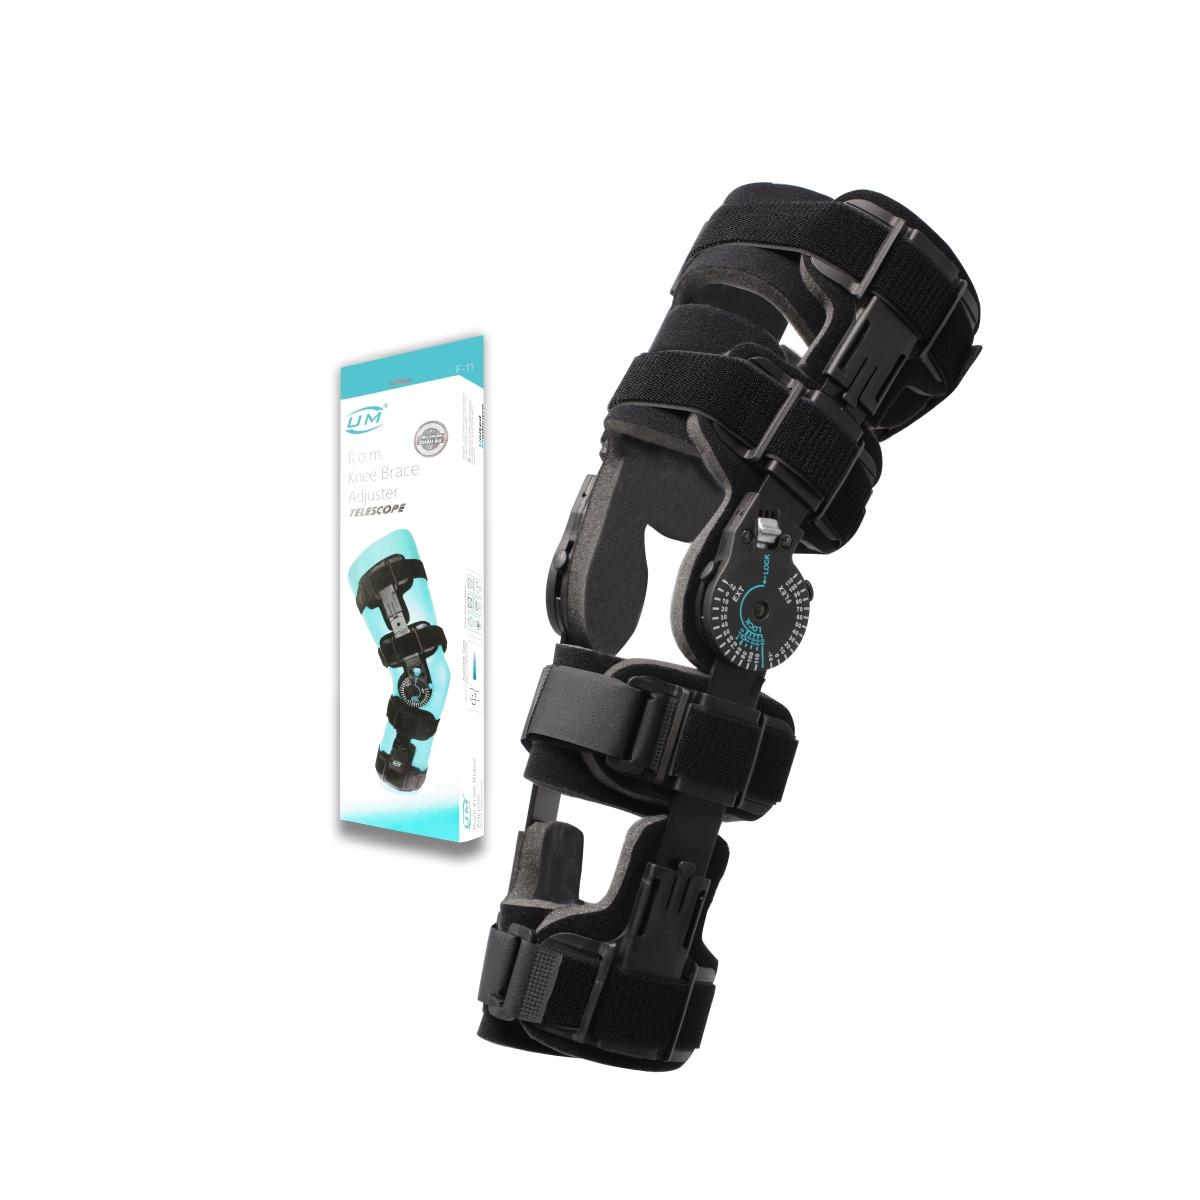 Nẹp gối có khóa chỉnh biên độ gập/duỗi sau phẫu thuật dây chằng UM (F11)